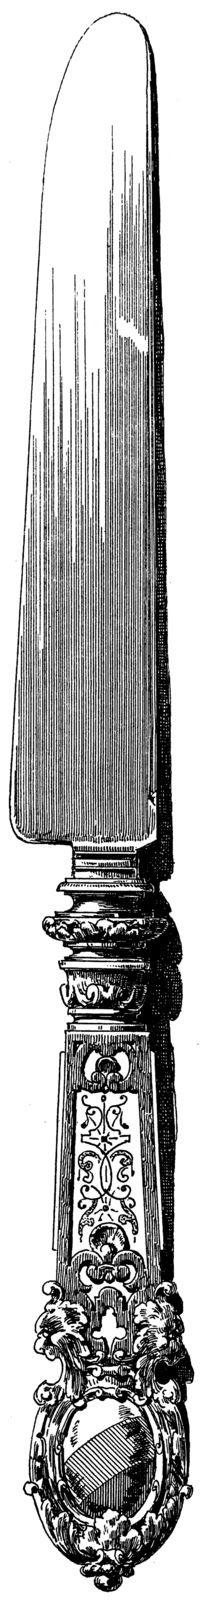 vintage-antique-cutlery-knife-clip-art.tif (JPEG Image, 200×1600 pixels) - Scaled (43%)